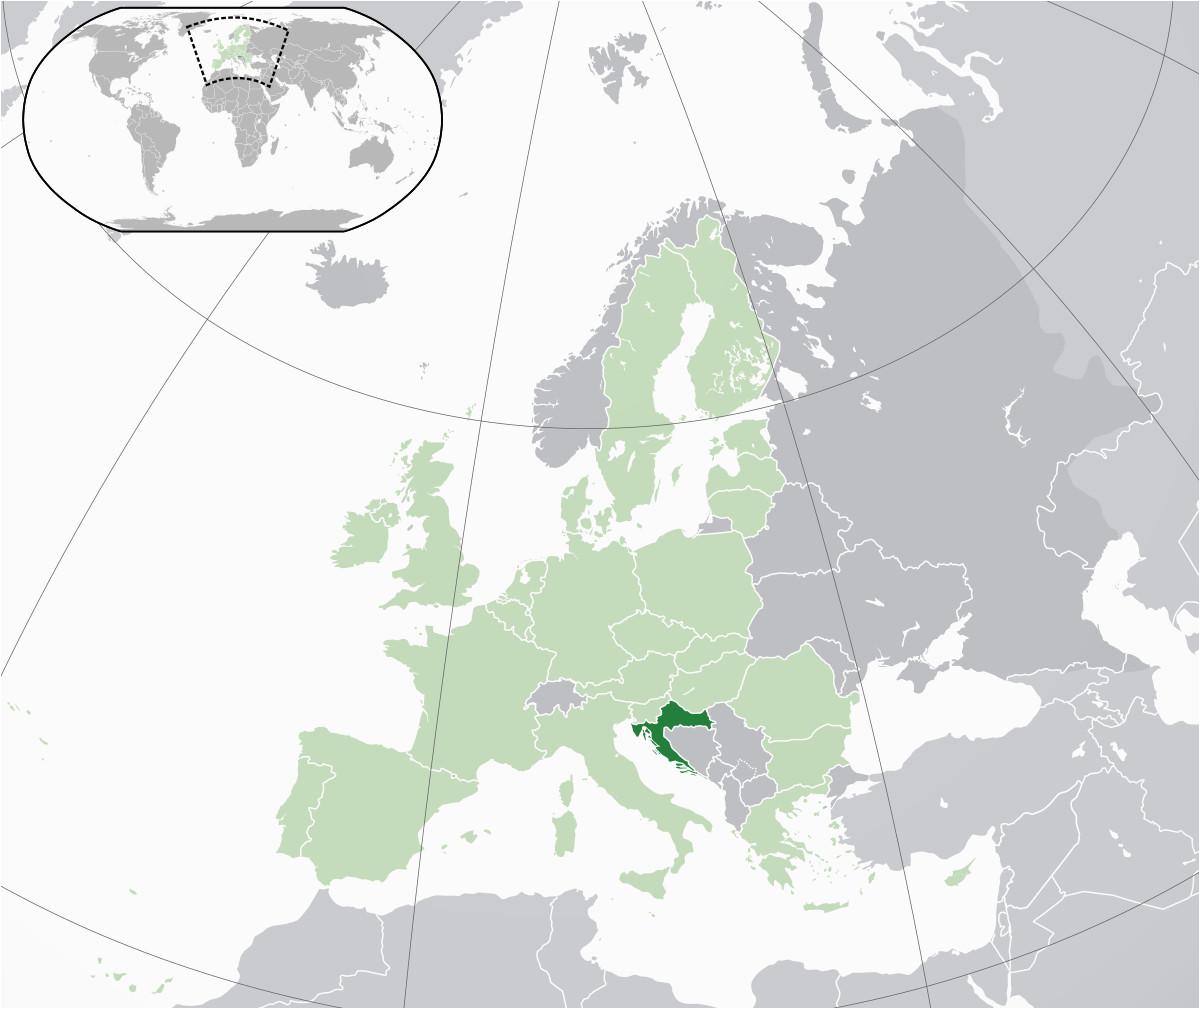 lgbt rights in croatia wikipedia